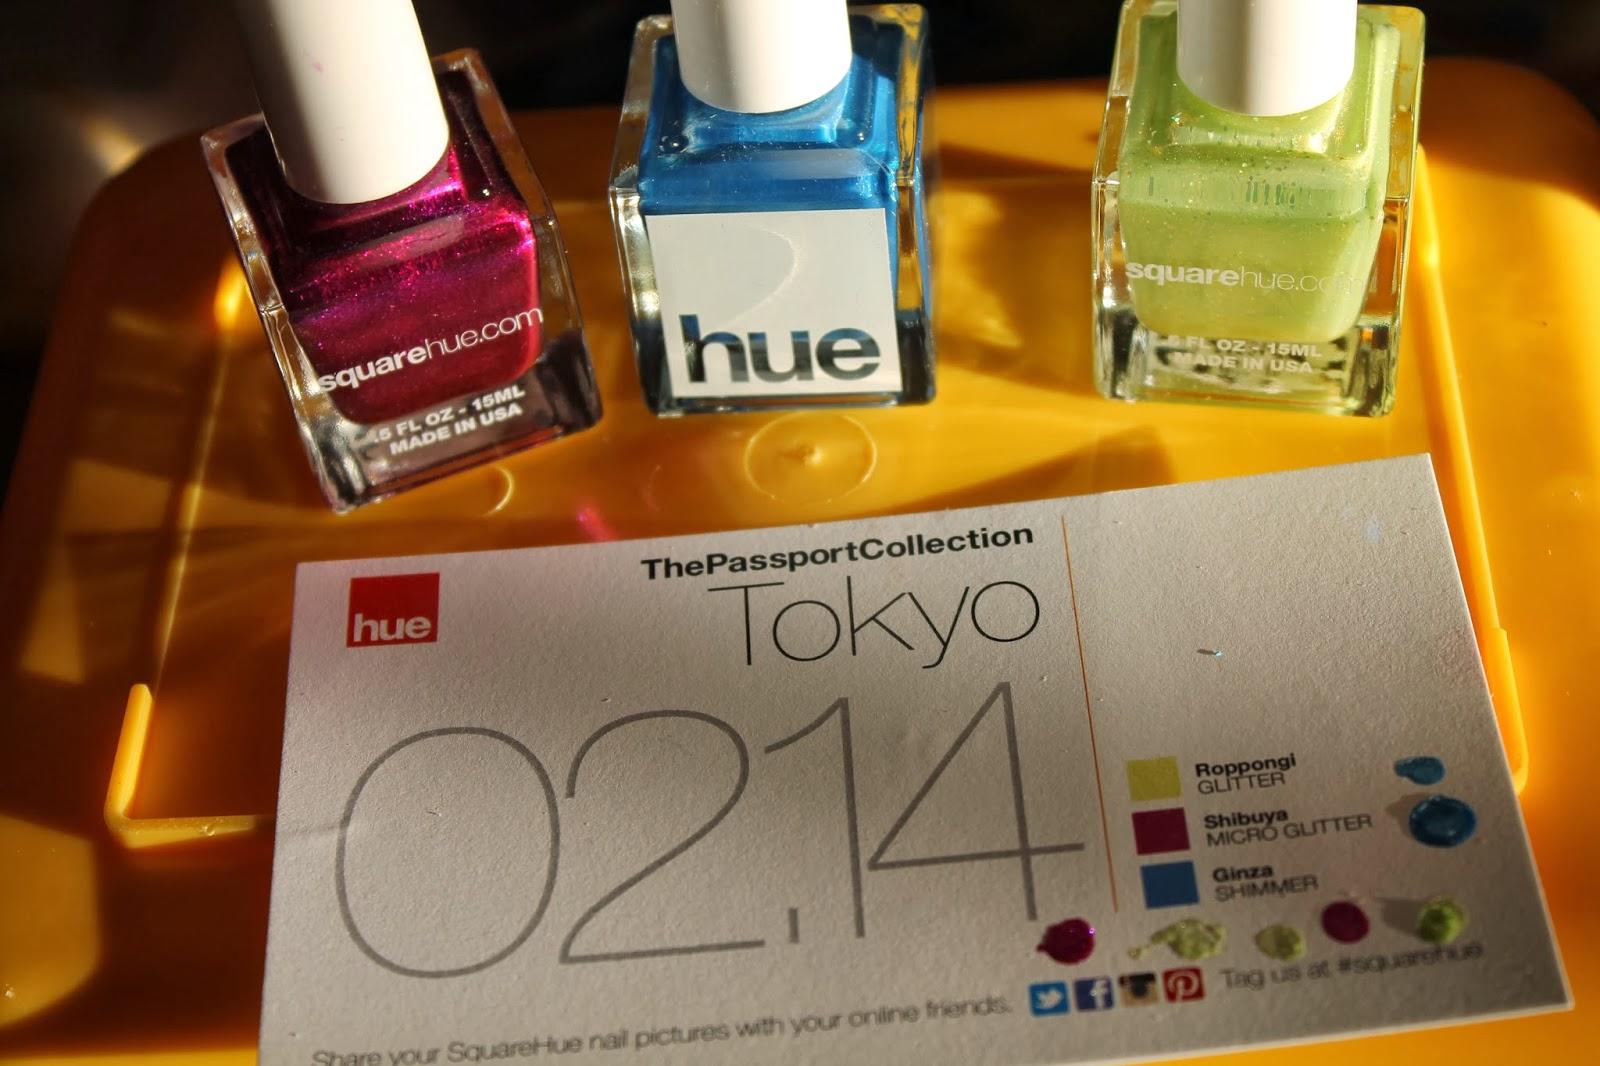 square hue feb 2014